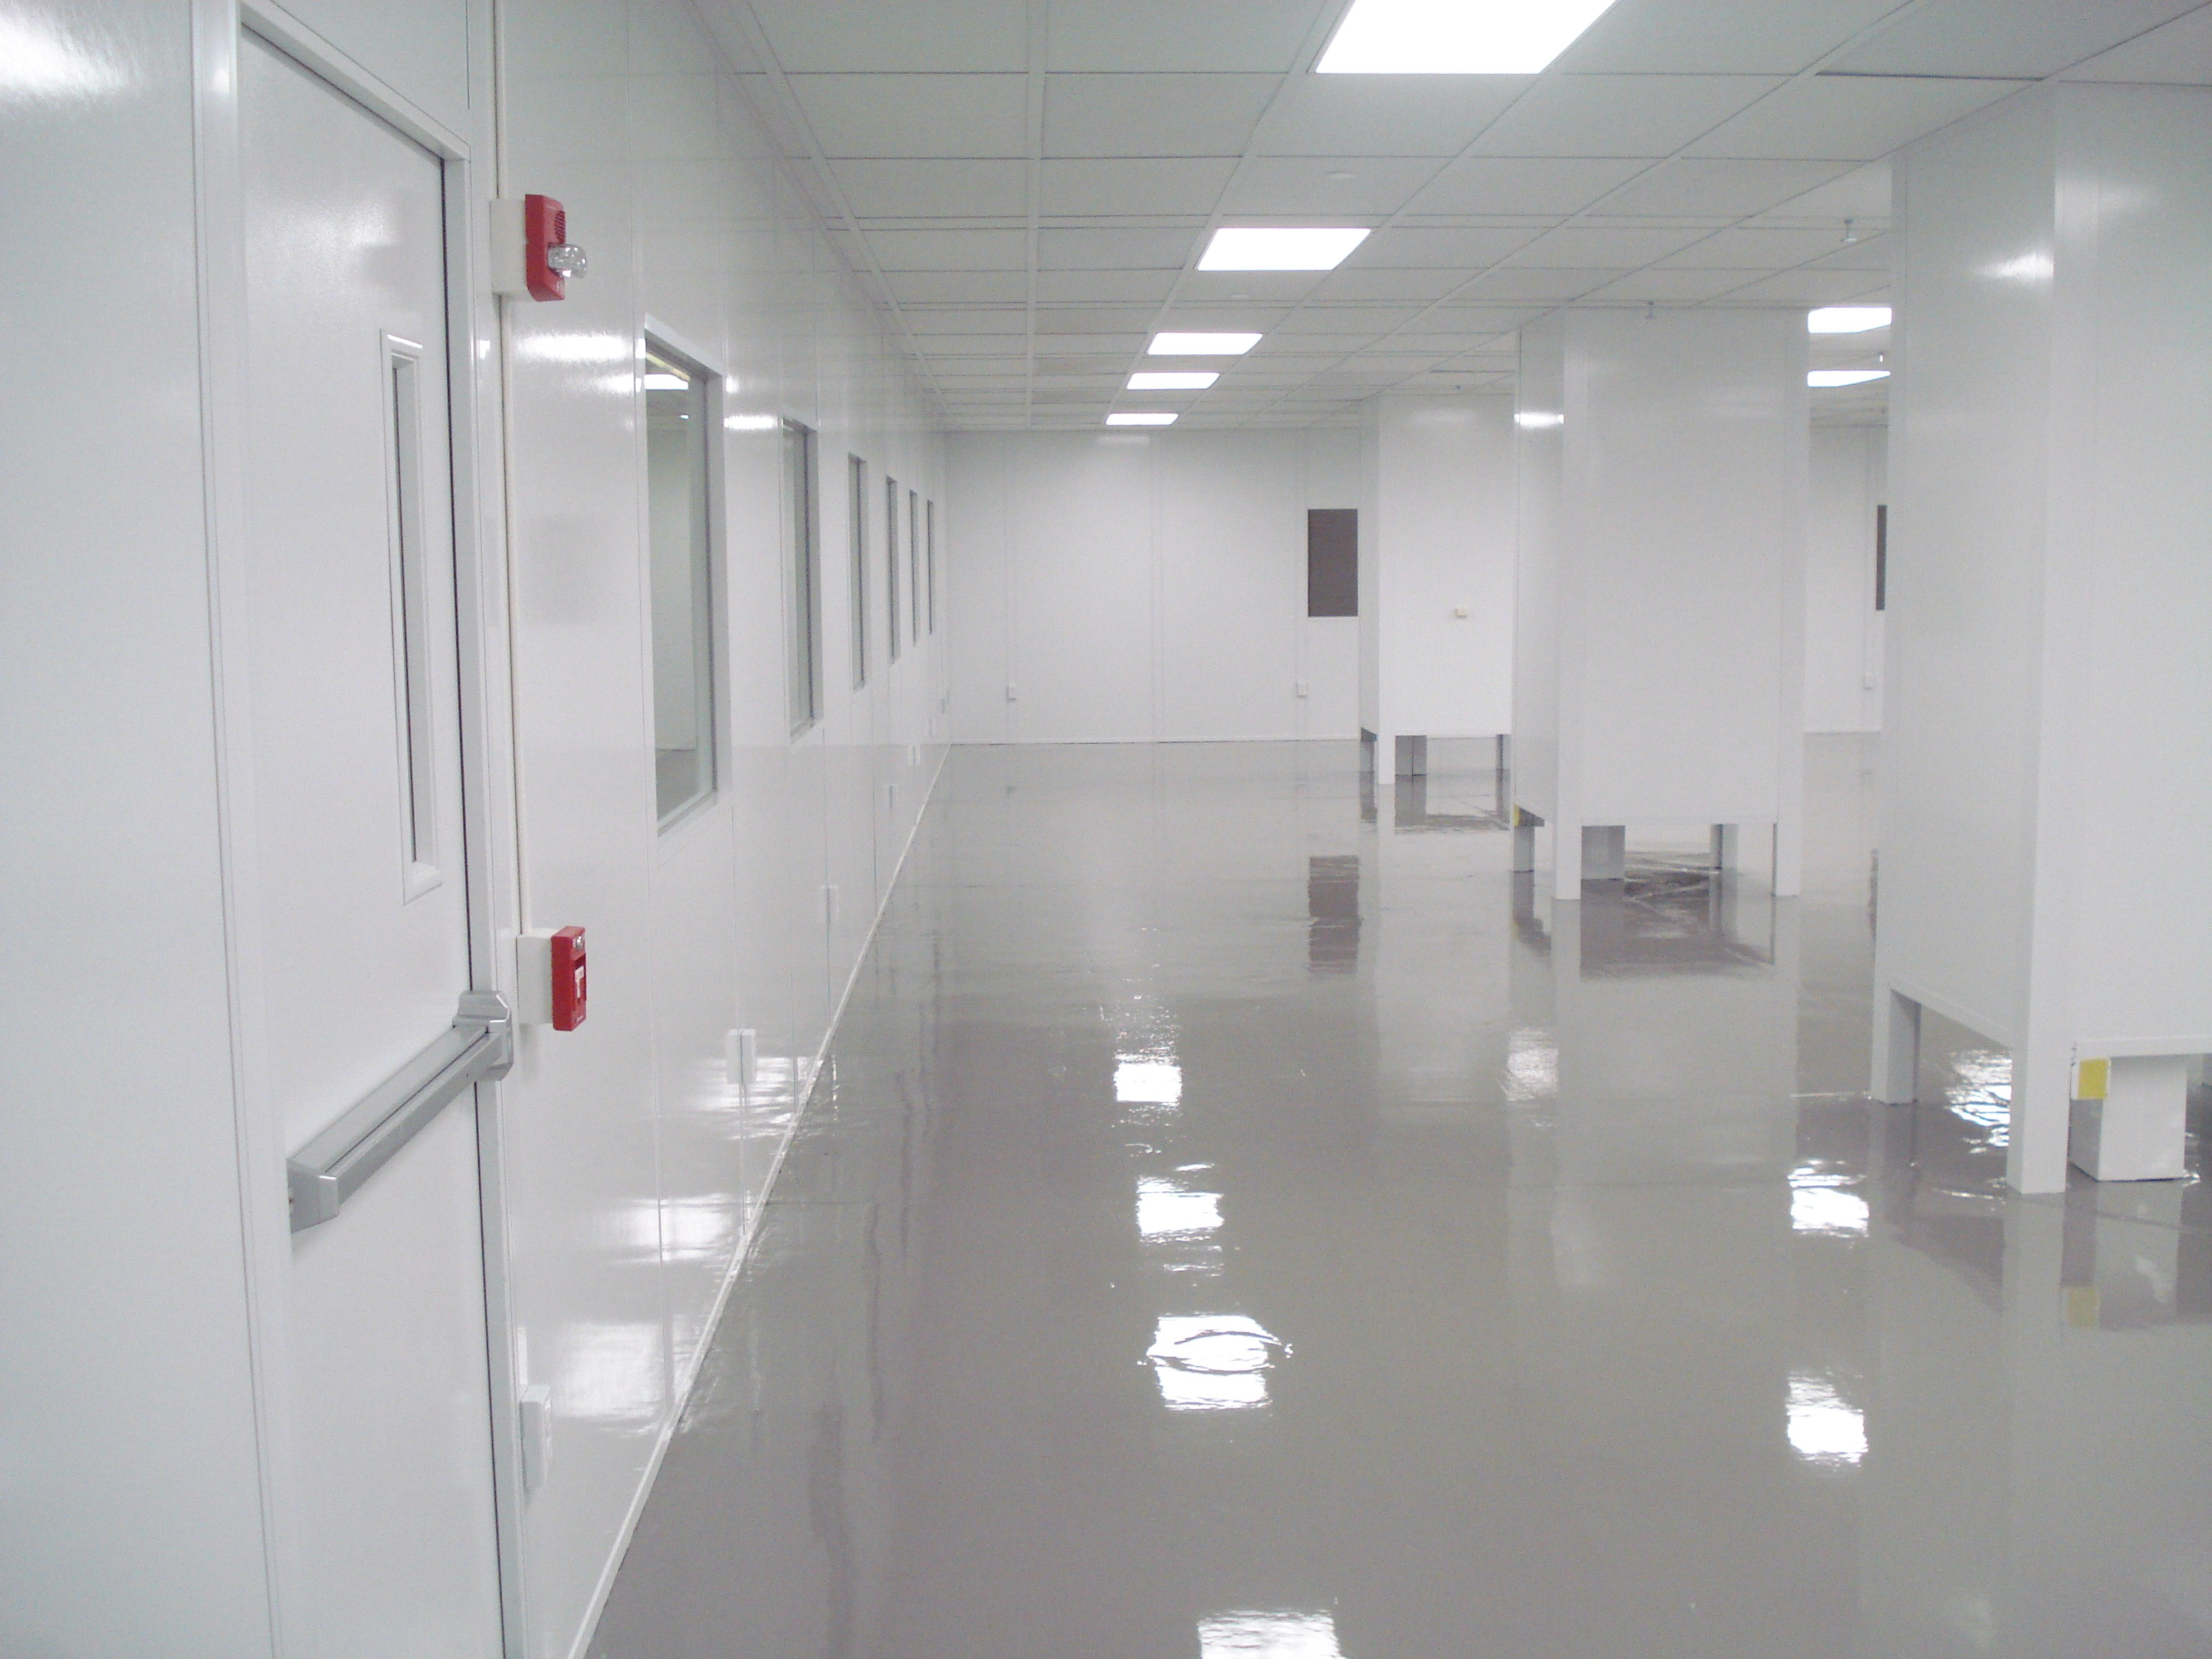 E Hall Wall Looking N